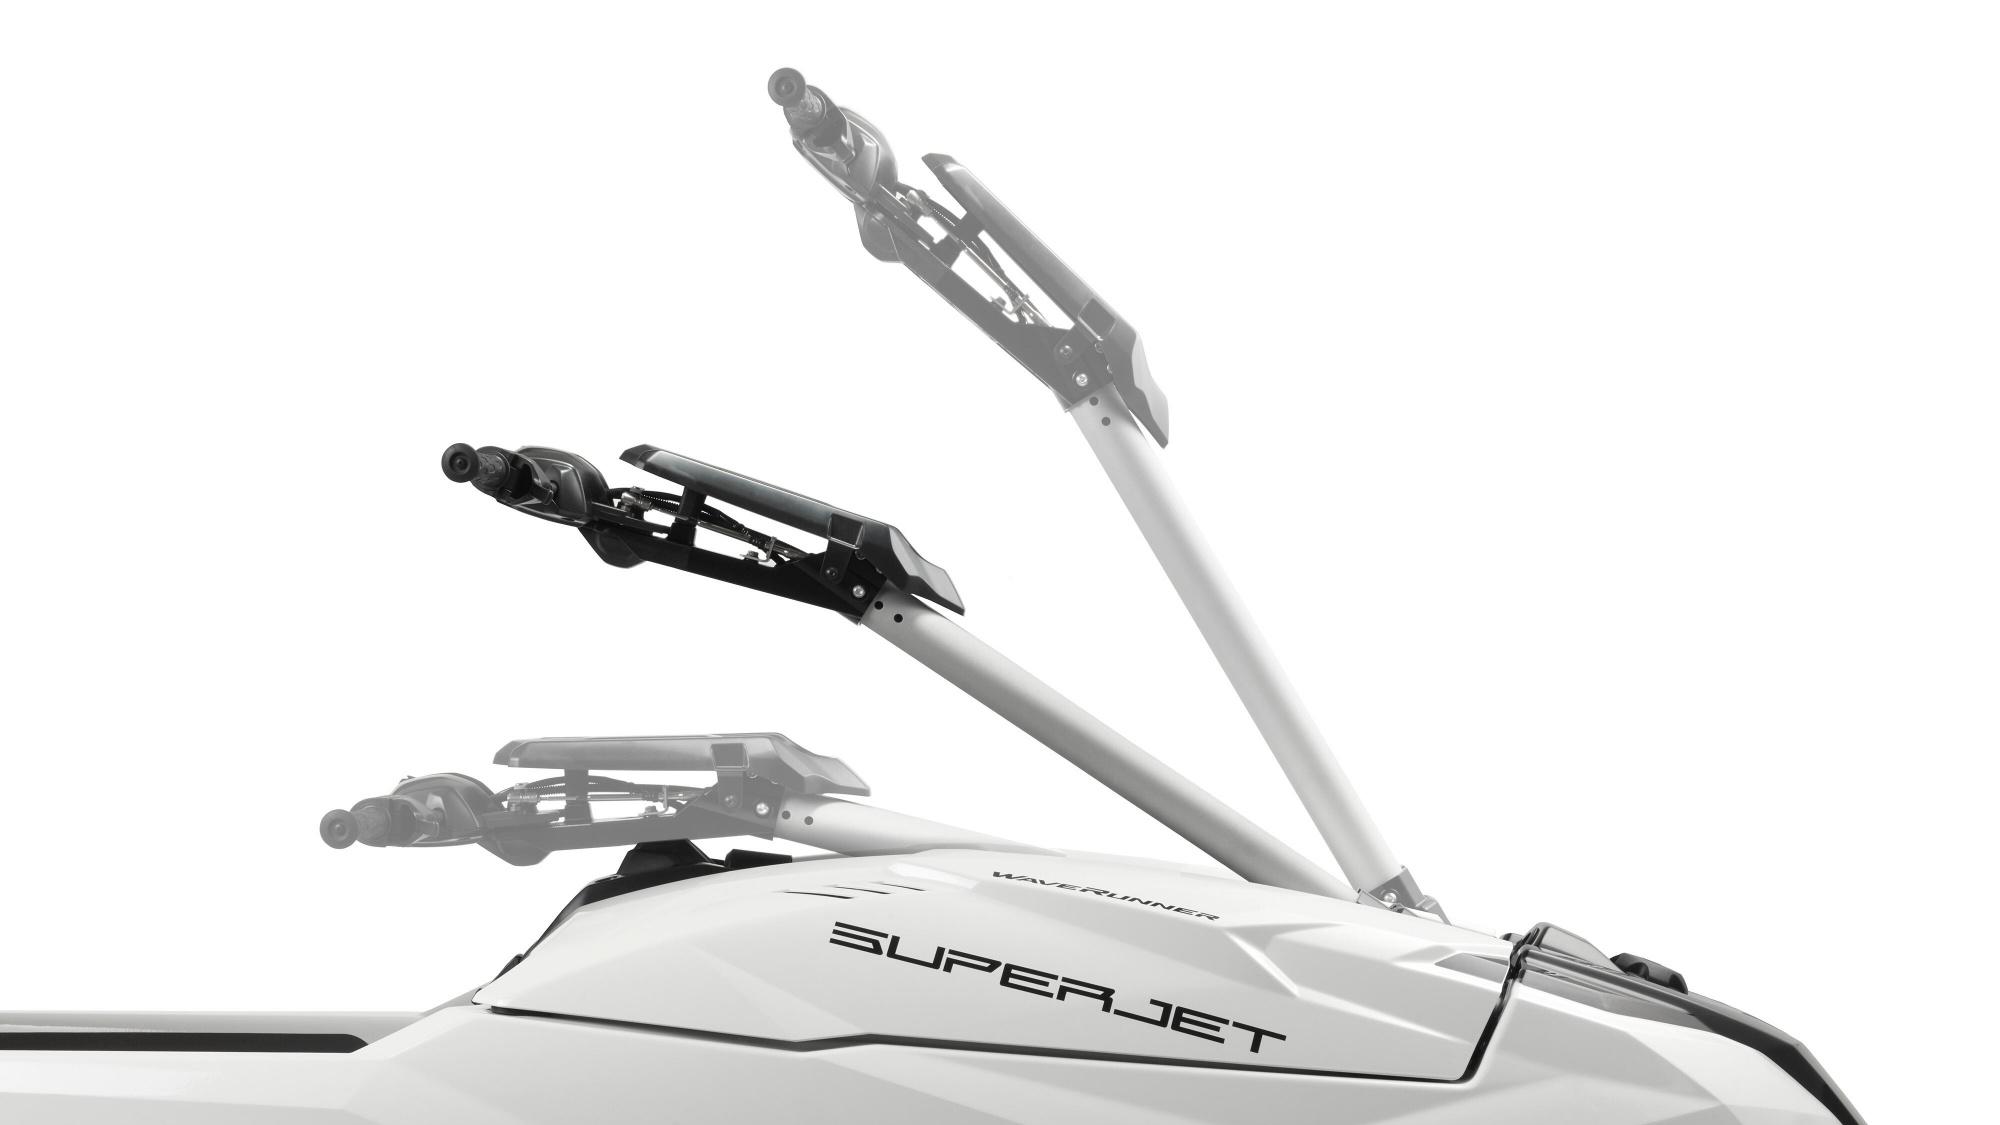 Yamaha superjet - 2021_Superjet_Detail_04